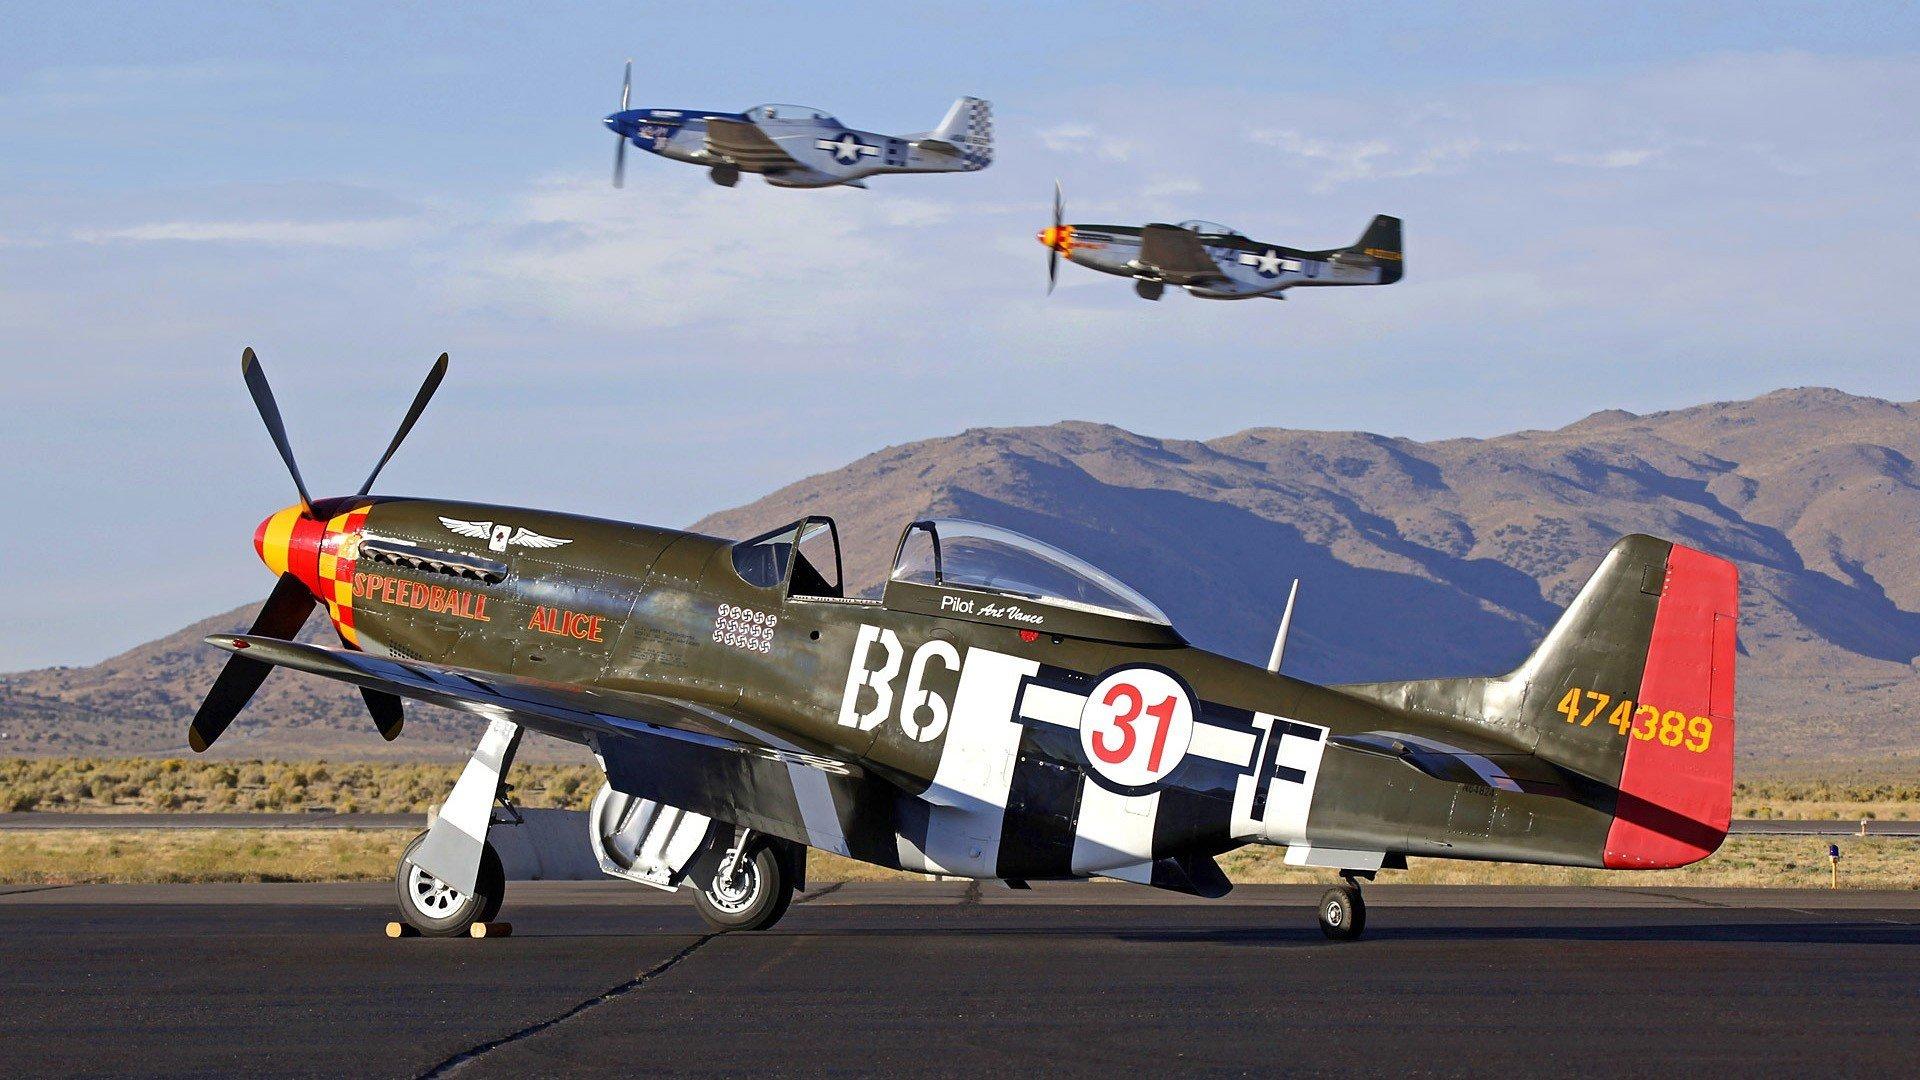 P 51 Mustang Wallpaper Background Wallpapersafari